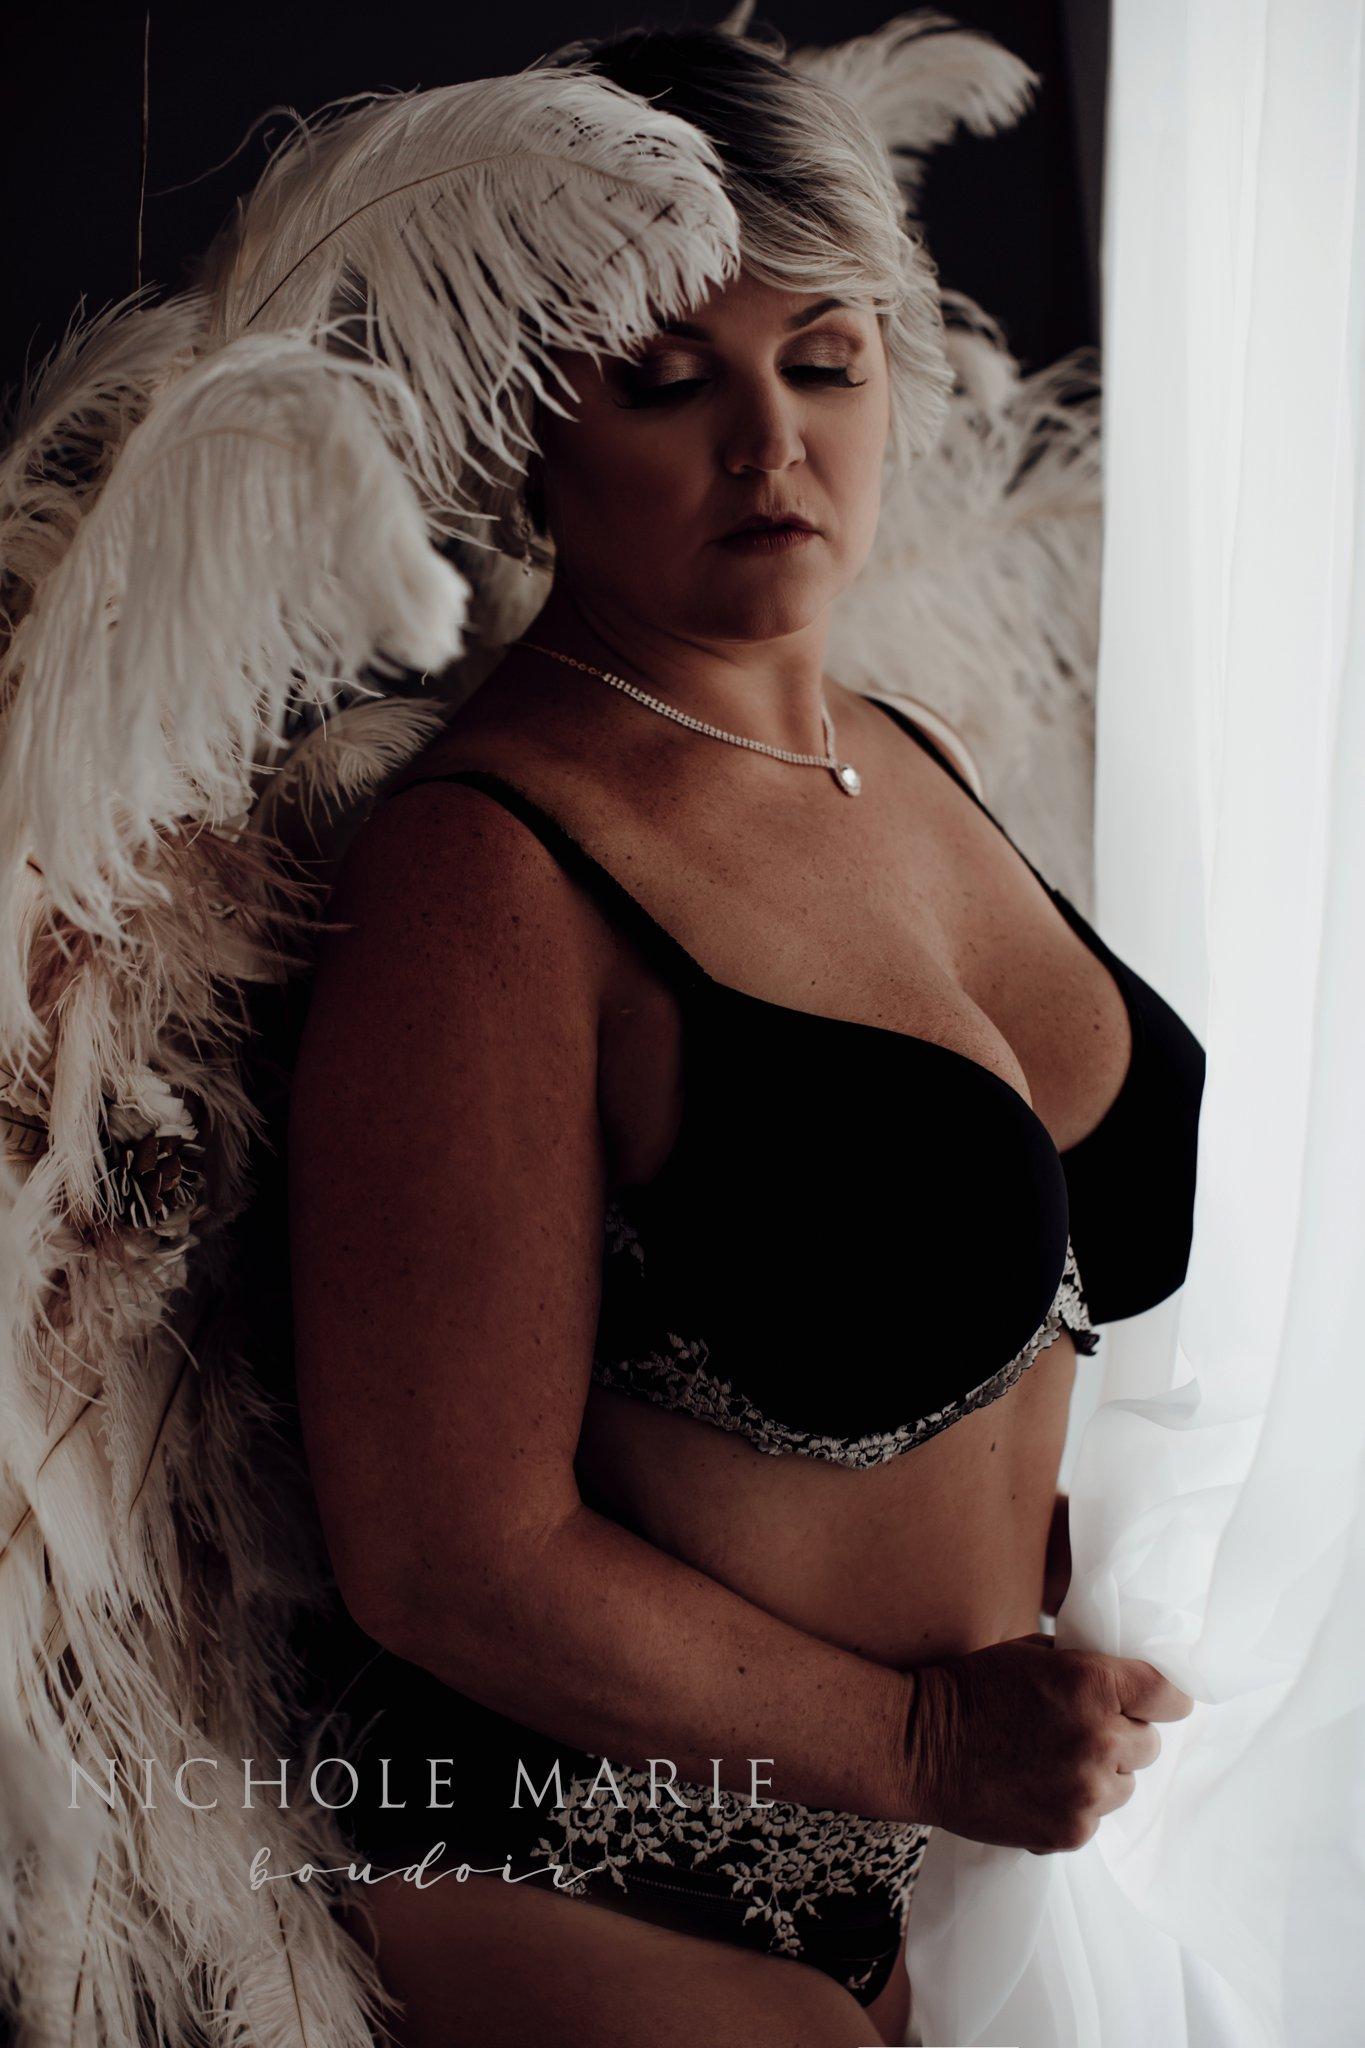 SEBASTIAN FLORIDA BOUDOIR PHOTOGRAPHER | NICHOLE MARIE BOUDOIR_0449.jpg